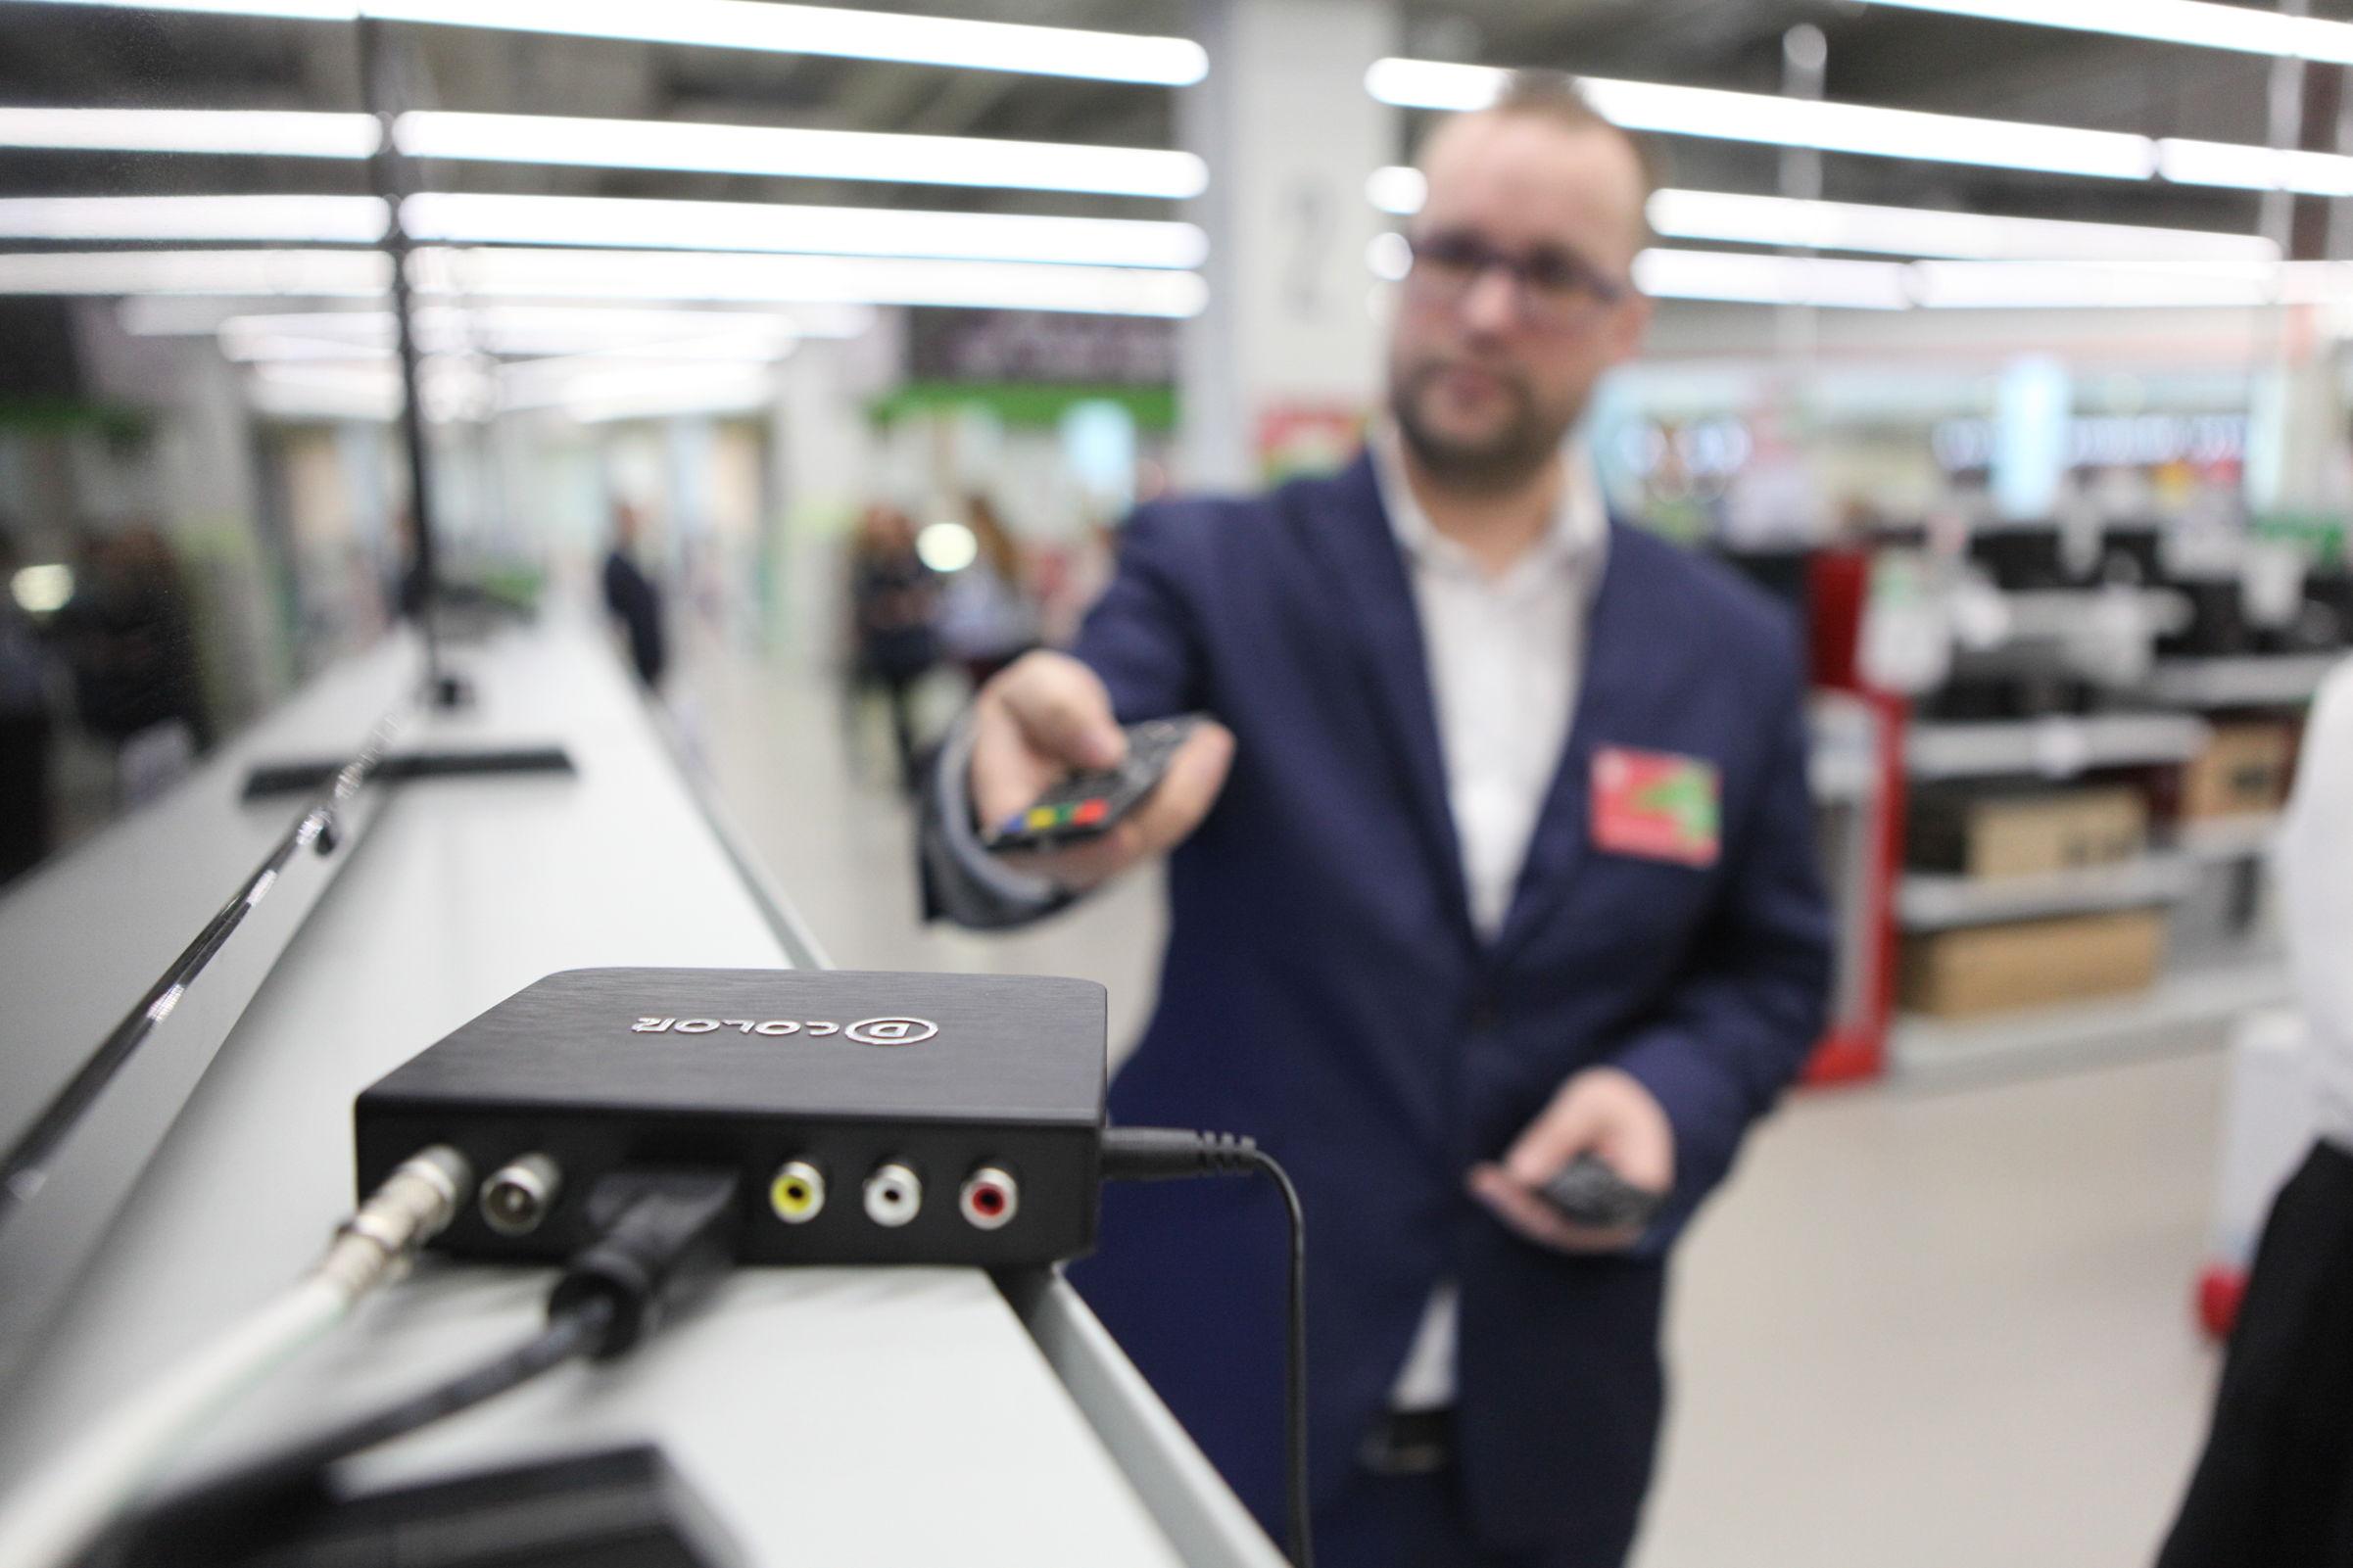 В Ярославле проверяют магазины, где продают цифровые приставки